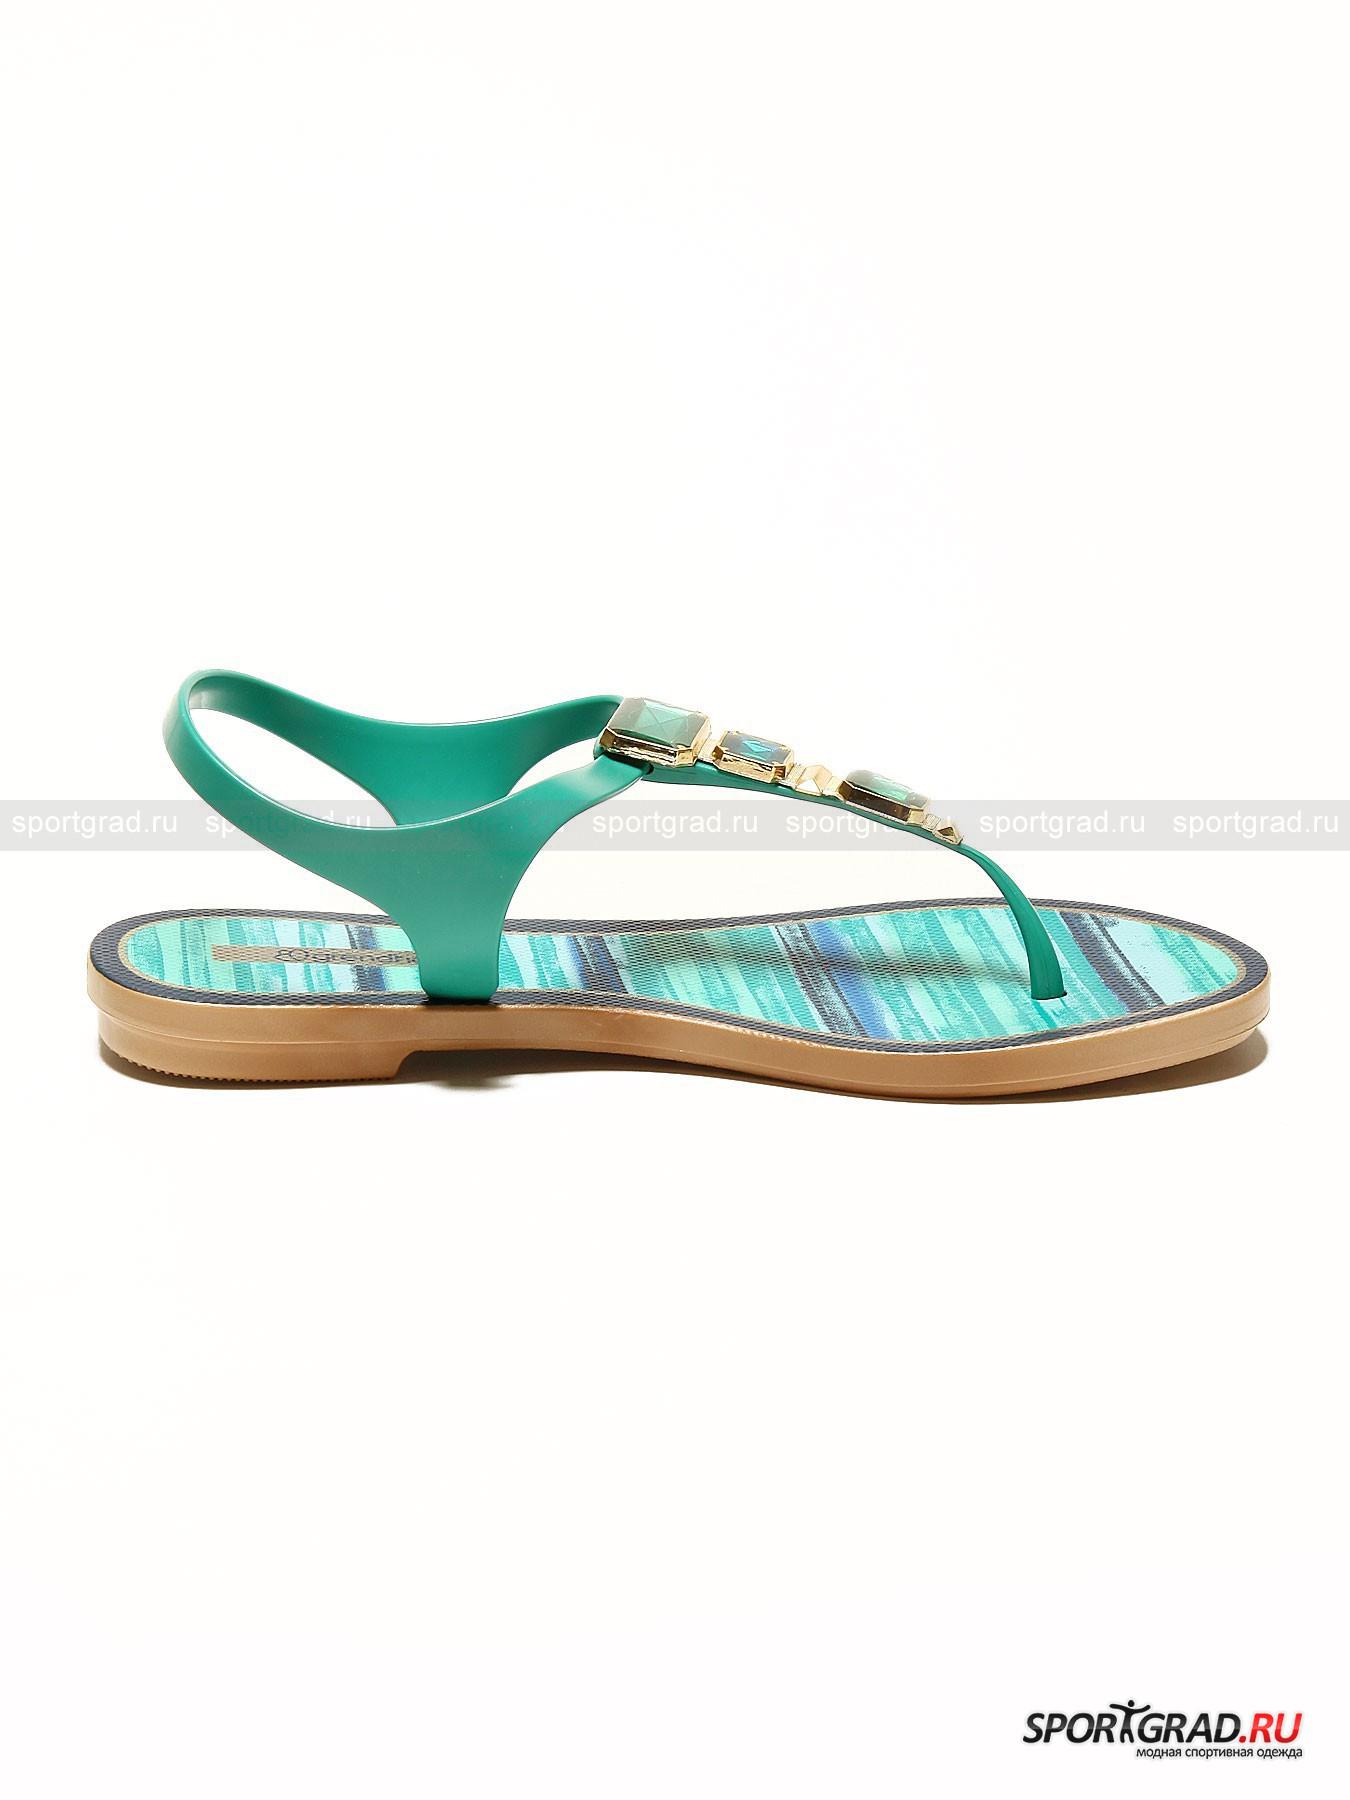 Сандалии женские Jewel sandals female GRENDHA от Спортград